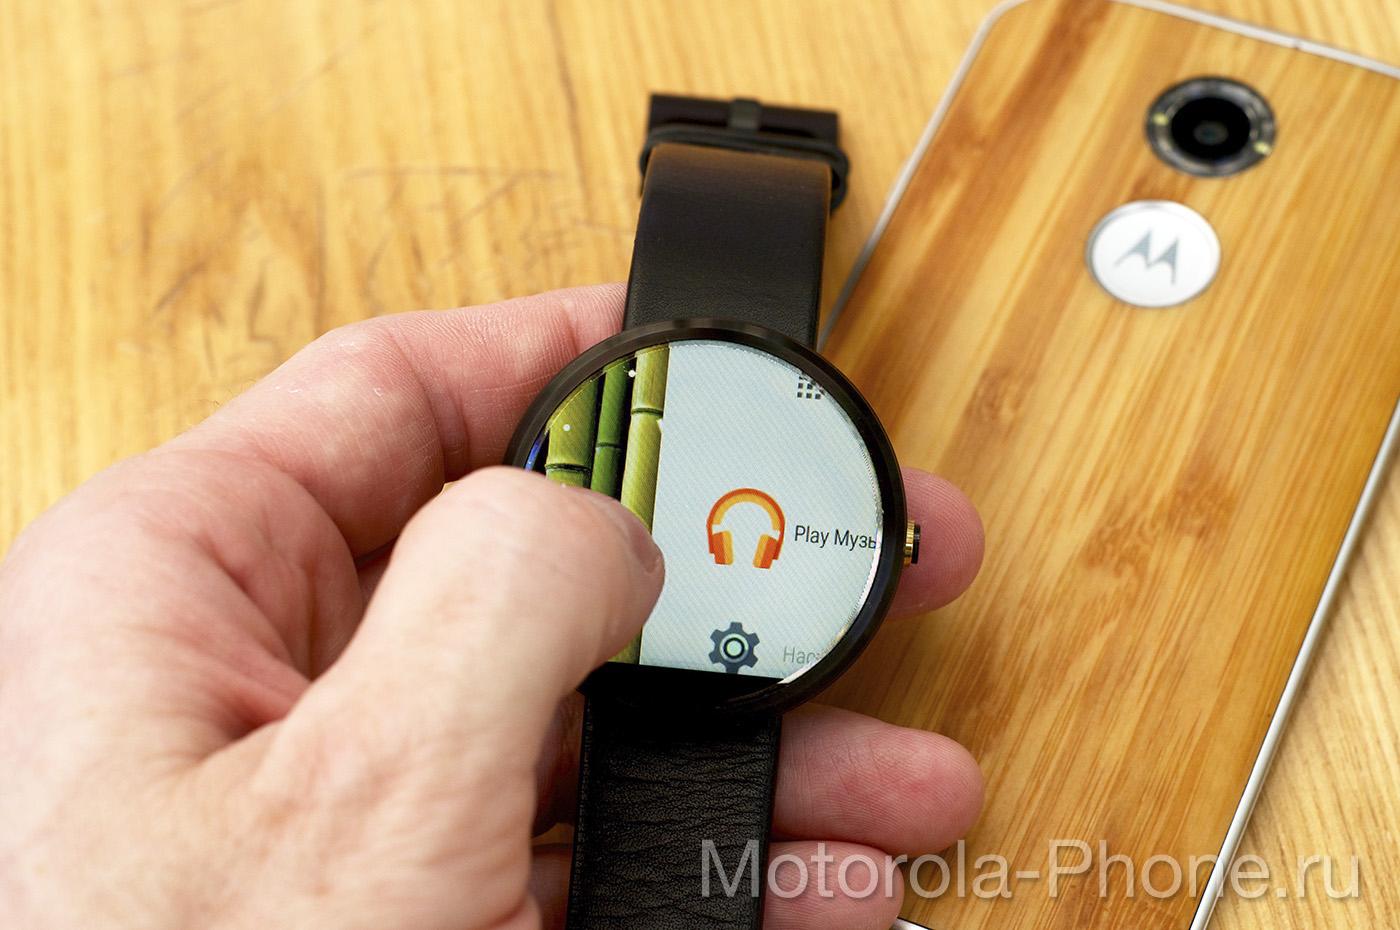 Motorola-Moto-360-Android-Wear-5-1-18 copy